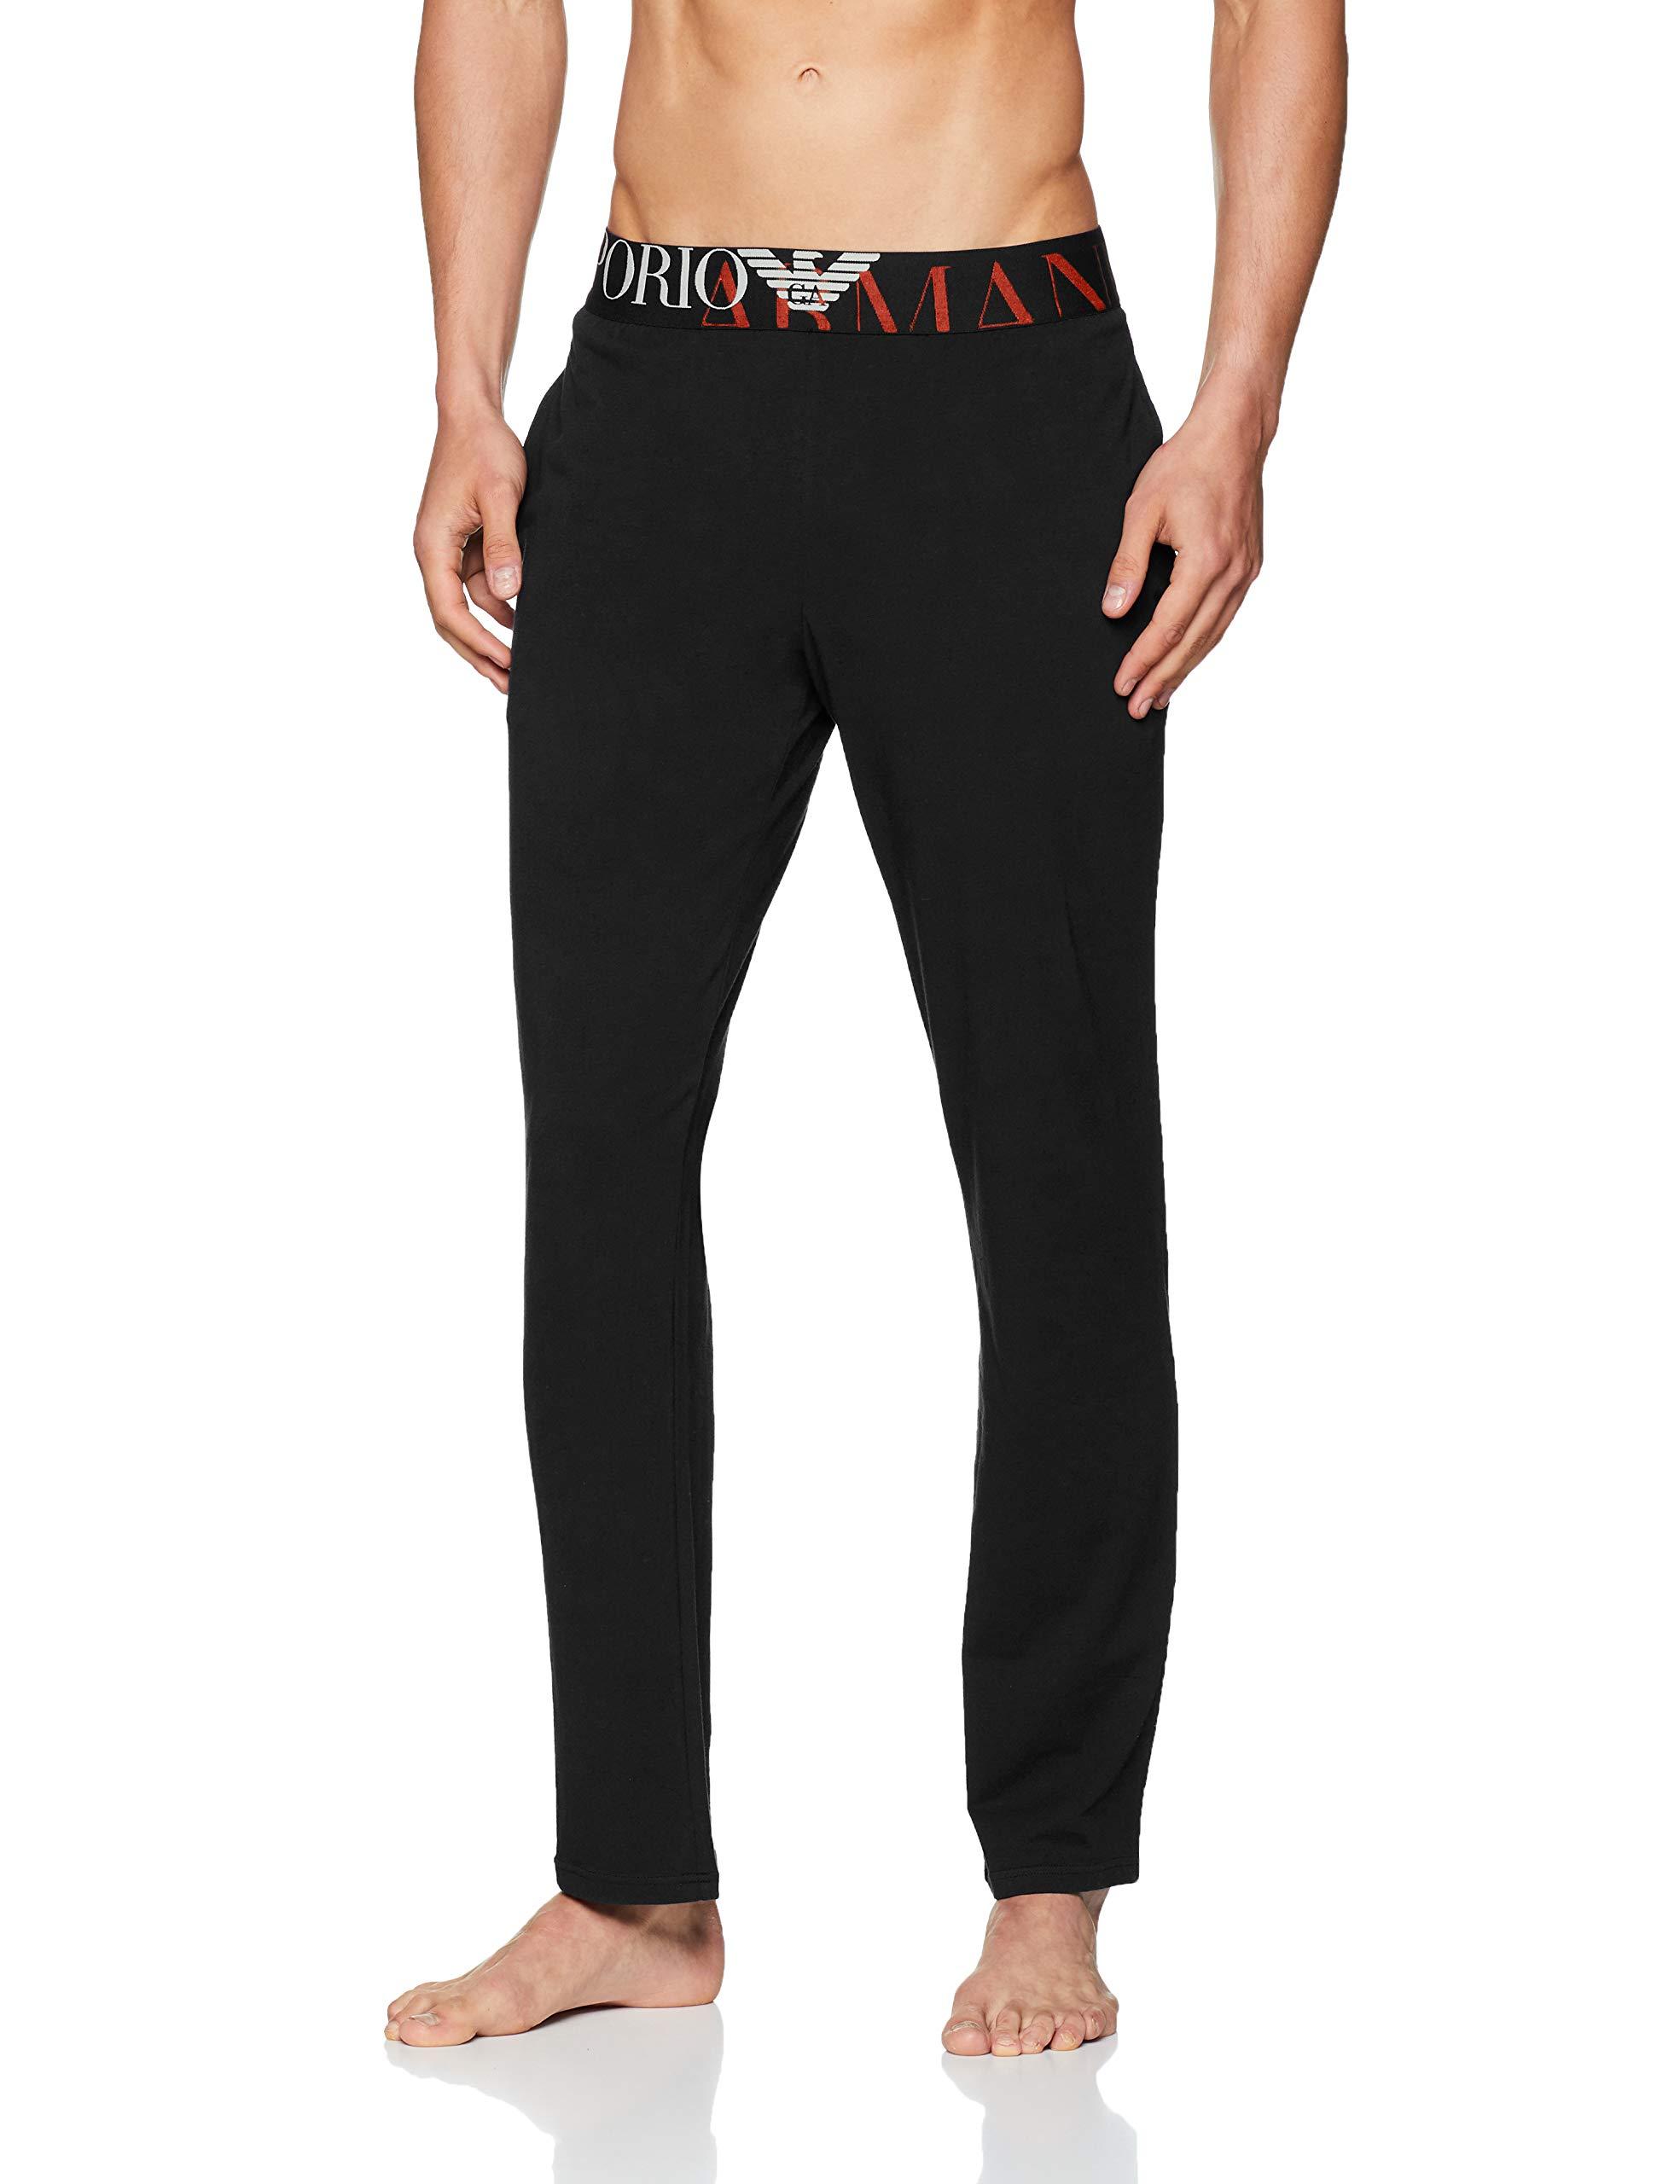 Emporio Armani Underwear Pantalones para Hombre